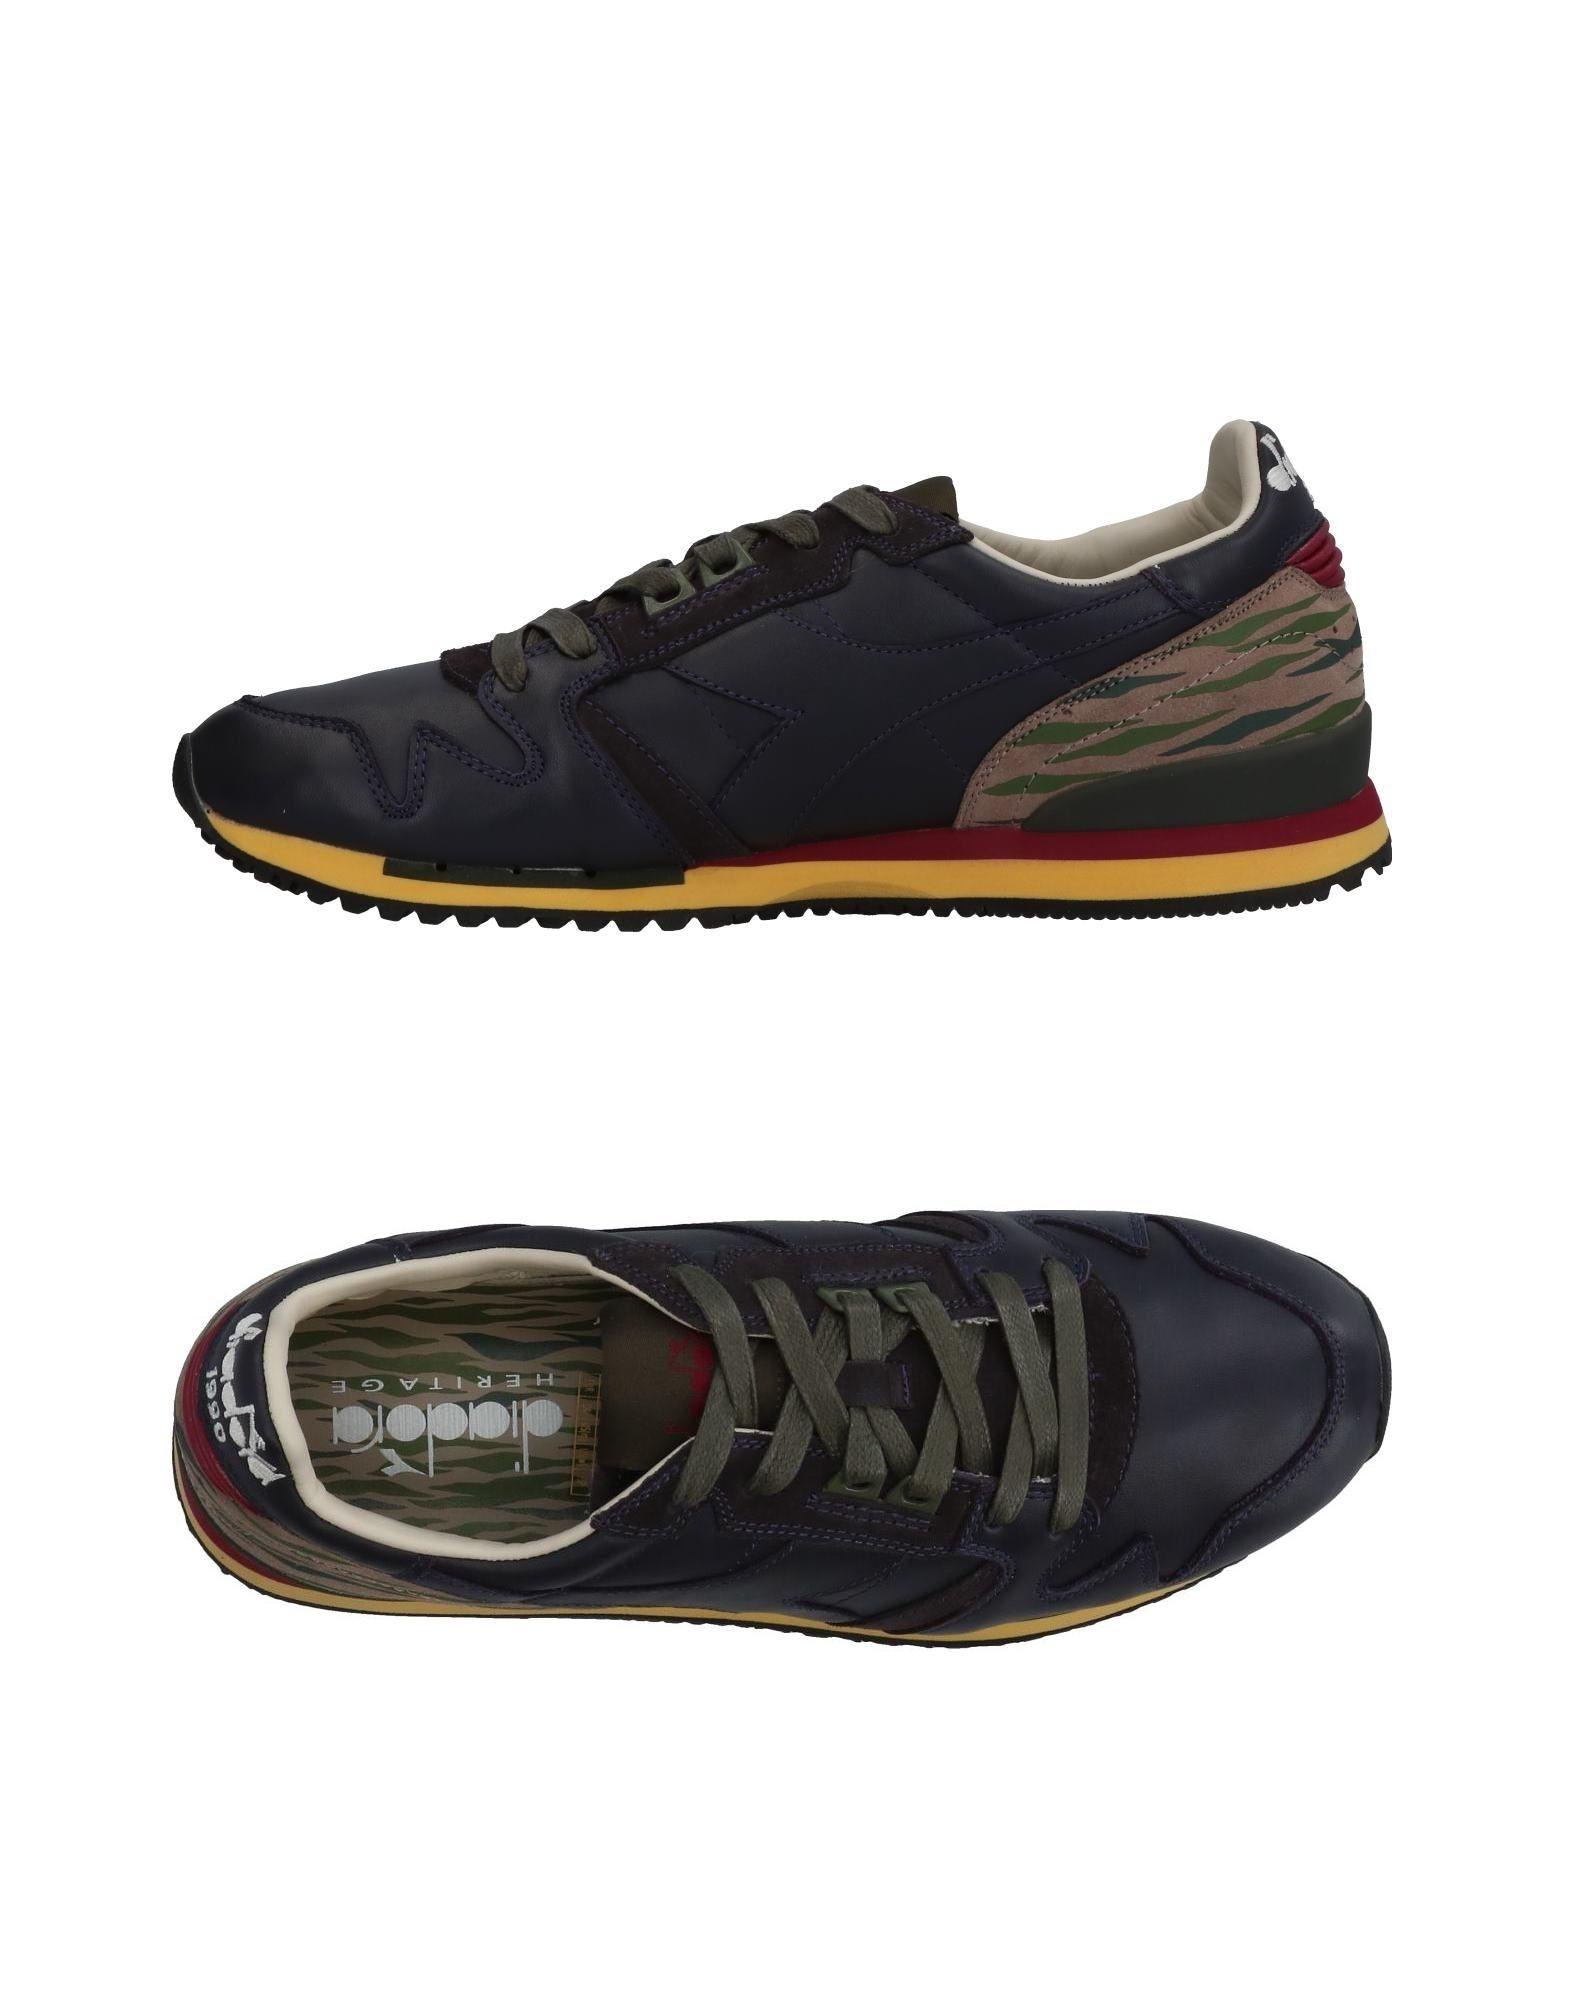 Diadora Heritage Sneakers Herren Gutes 11447 Preis-Leistungs-Verhältnis, es lohnt sich 11447 Gutes b6efc4